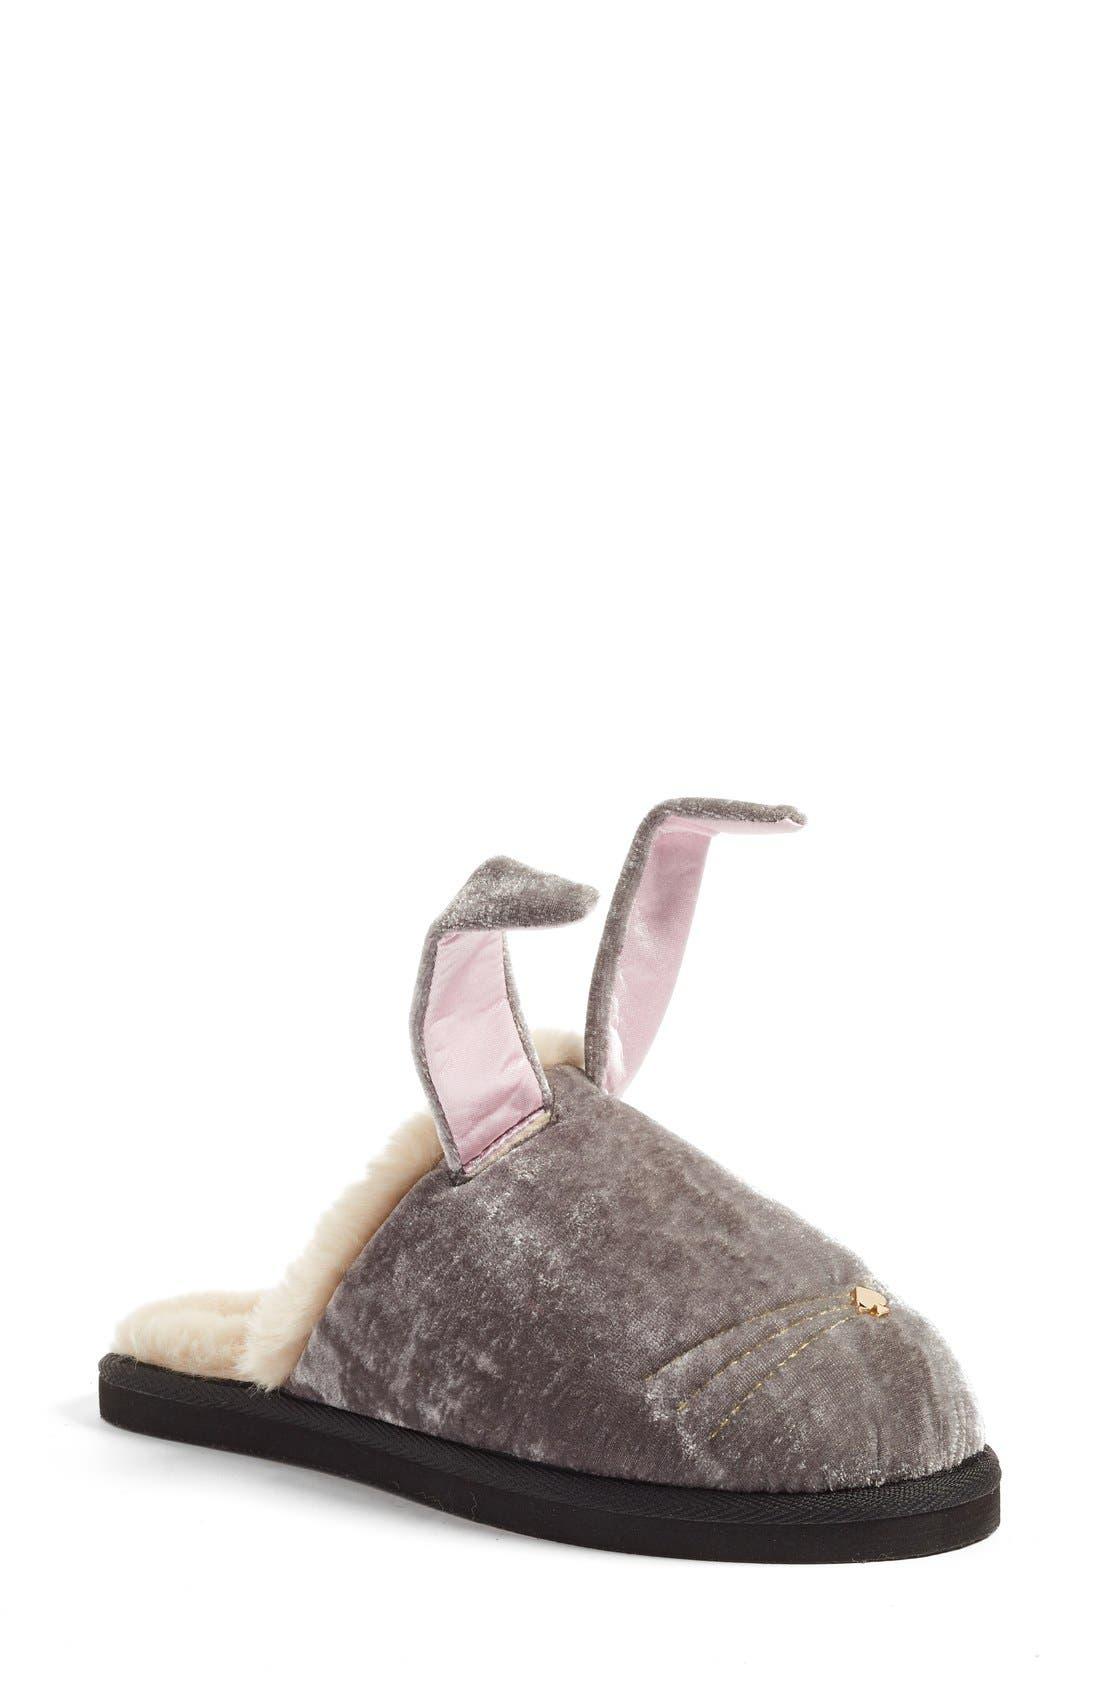 Main Image - kate spade new york 'bonnie - bunny' velvet slipper (Women)